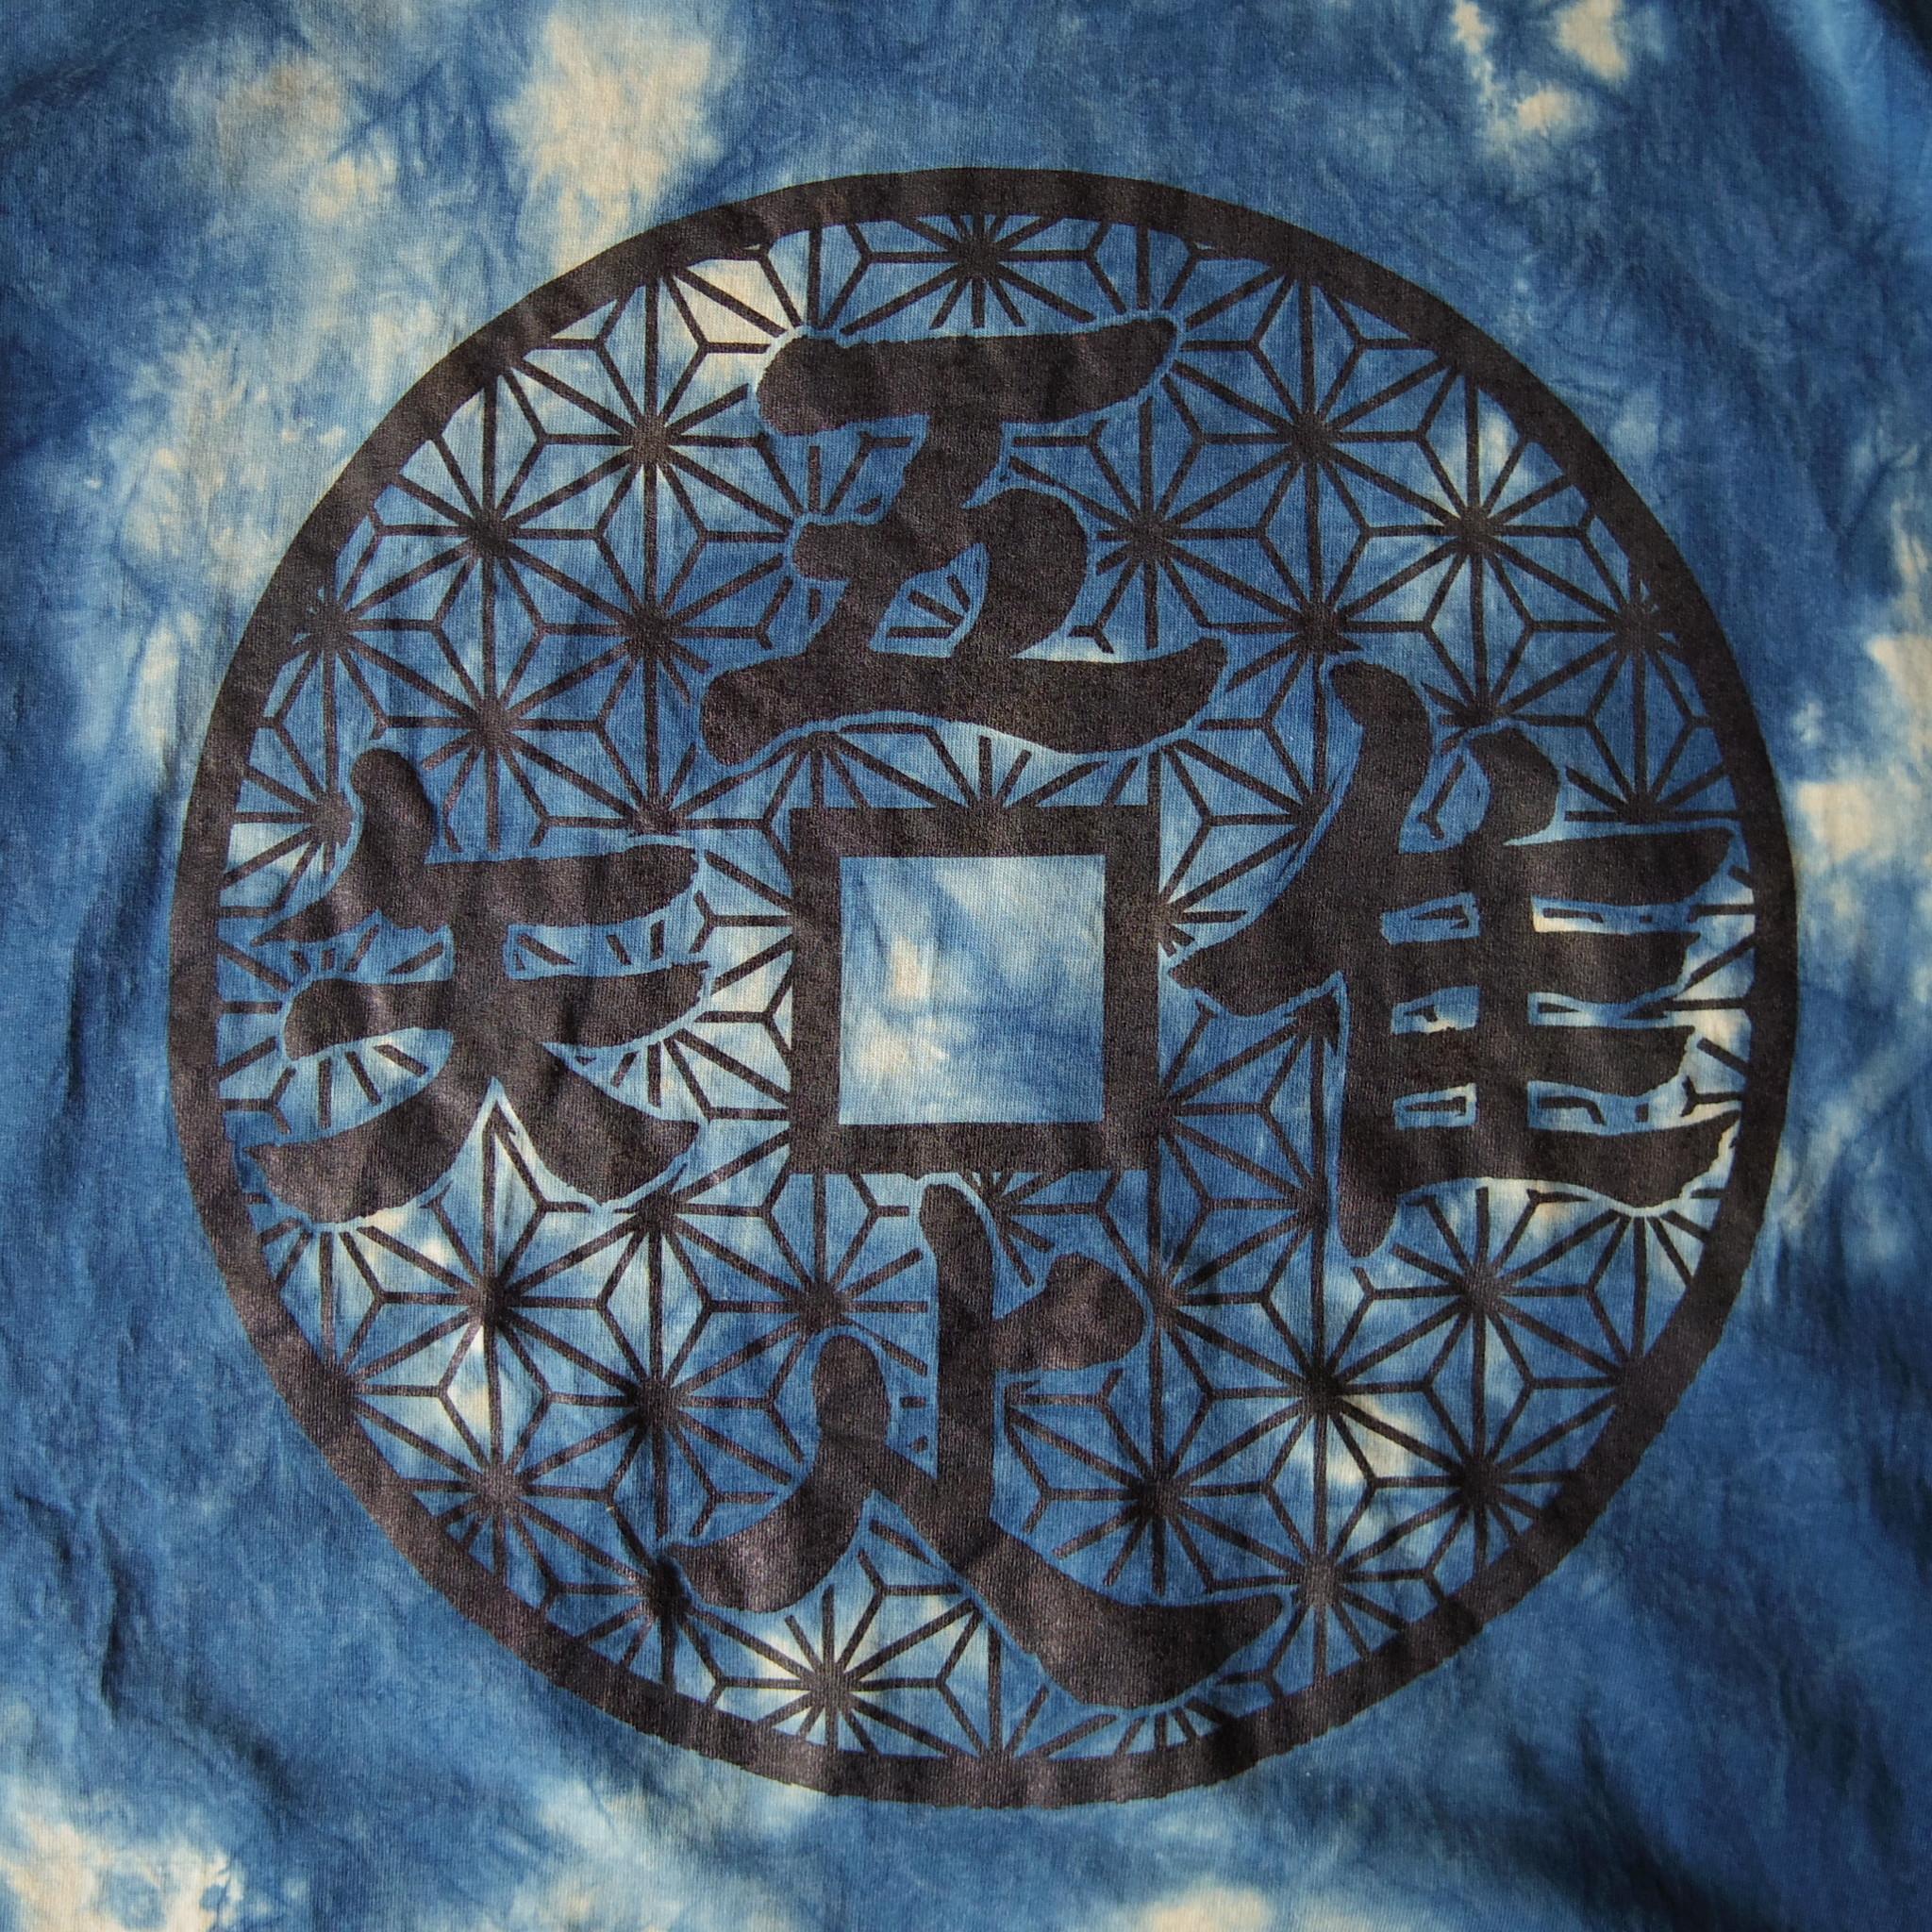 吾唯 足 知 意味 龍安寺のつくばいに刻まれた『吾唯知足』から学ぶ人生の深い意味とは...